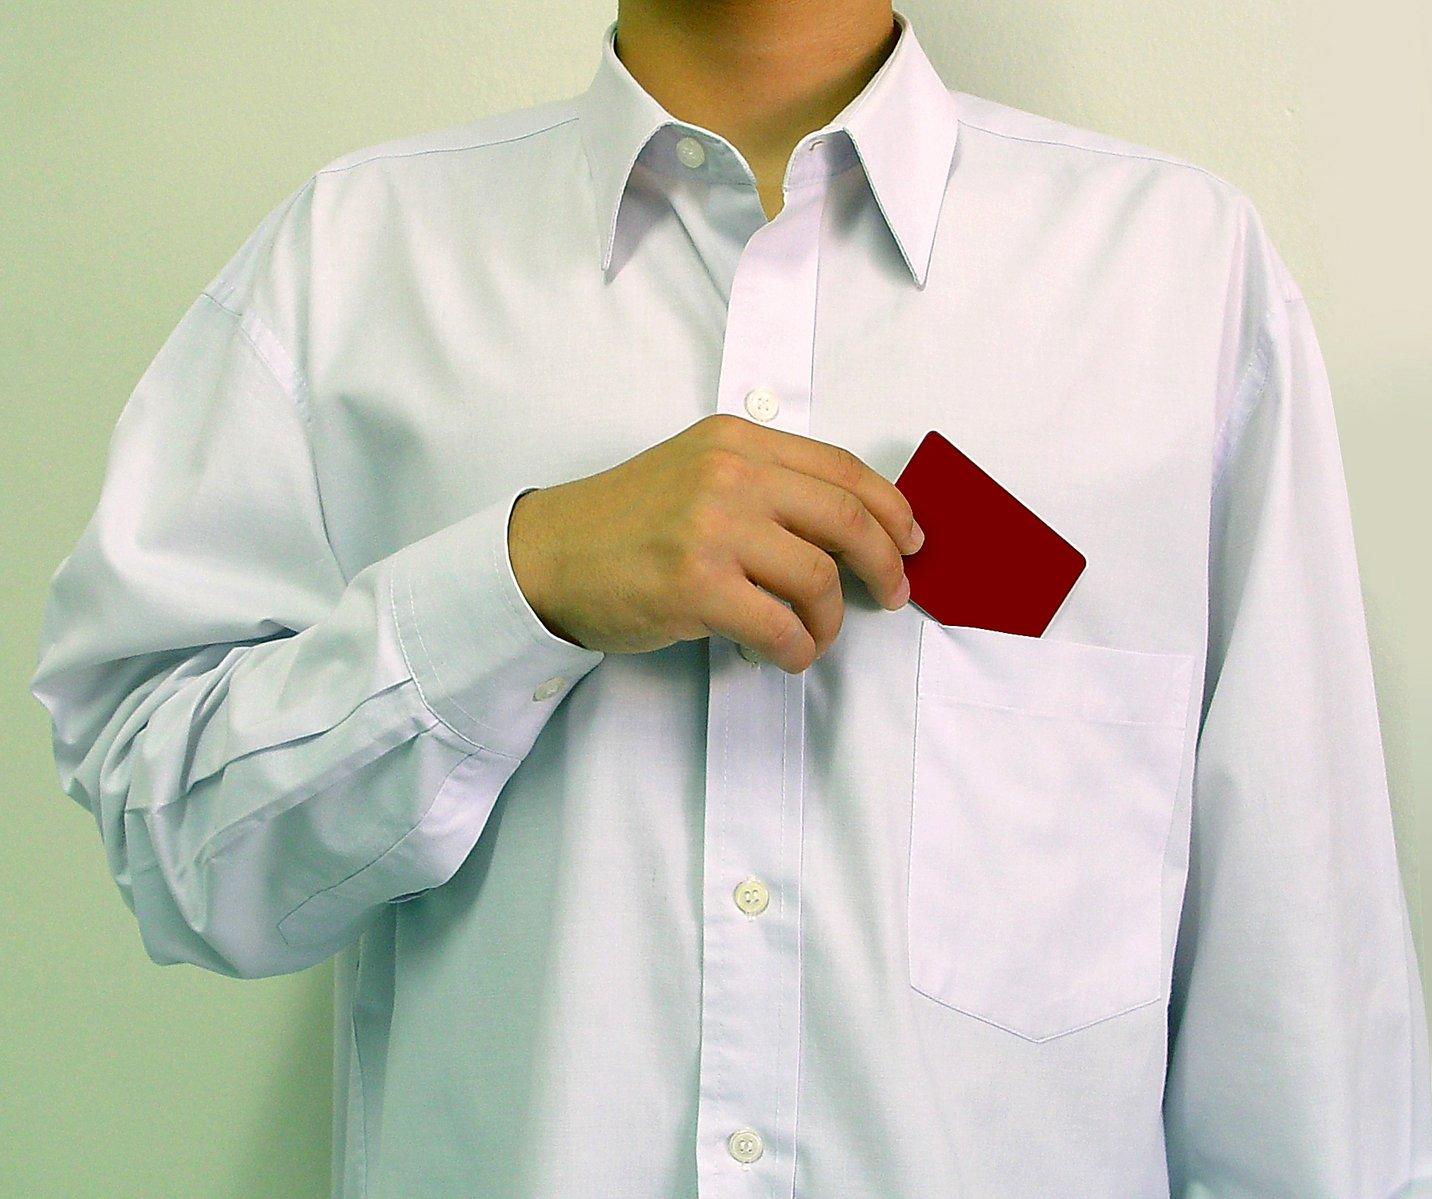 mužbv bílé košili s kartou